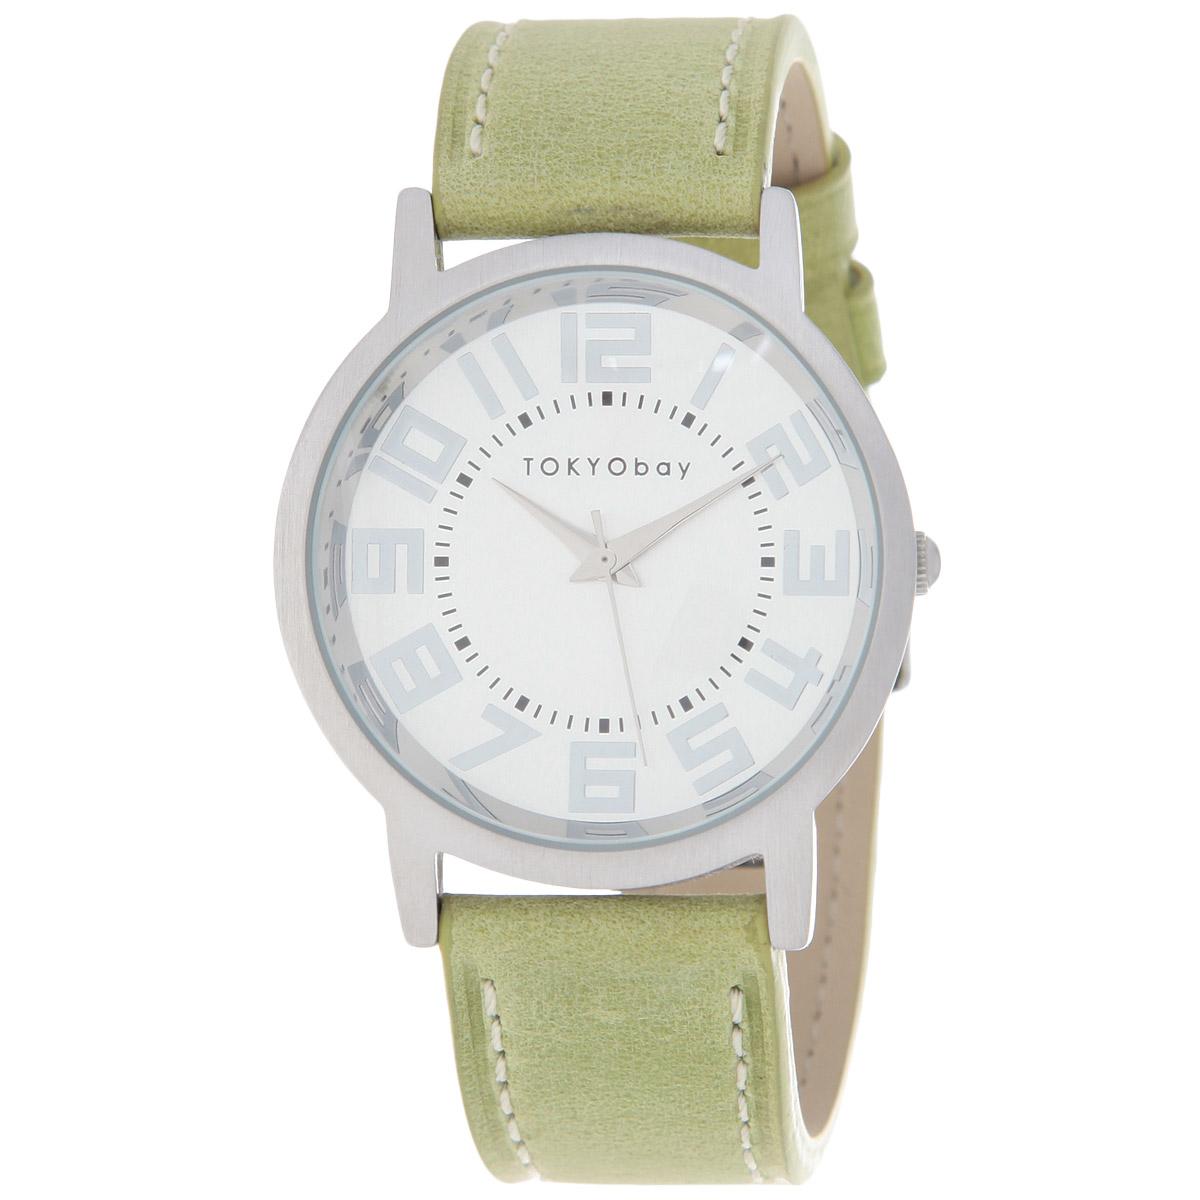 Часы женские наручные Tokyobay Platform, цвет: зеленый. T135-GRT135-GRНаручные часы Tokyobay - это стильное дополнение к вашему неповторимому образу. Эти часы созданы для современных женщин, ценящих стиль, качество и практичность. Часы оснащены японским кварцевым механизмом Miyota. Задняя крышка изготовлена из нержавеющей стали. Корпус изготовлен из металла. Циферблат оформлен крупными металлическими цифрами, имеются часовая, минутная и секундная стрелки. Ремешок выполнен из кожи, декорирован контрастной отстрочкой и застегивается на классическую застежку- пряжку. Часы Tokyobay - это практичный и модный аксессуар, который подчеркнет ваш безупречный вкус. Характеристики: Корпус: 3,8 х 3,8 х 0,8 см. Размер ремешка: 21 х 2,2 см. Не содержит никель. Не водостойкие.